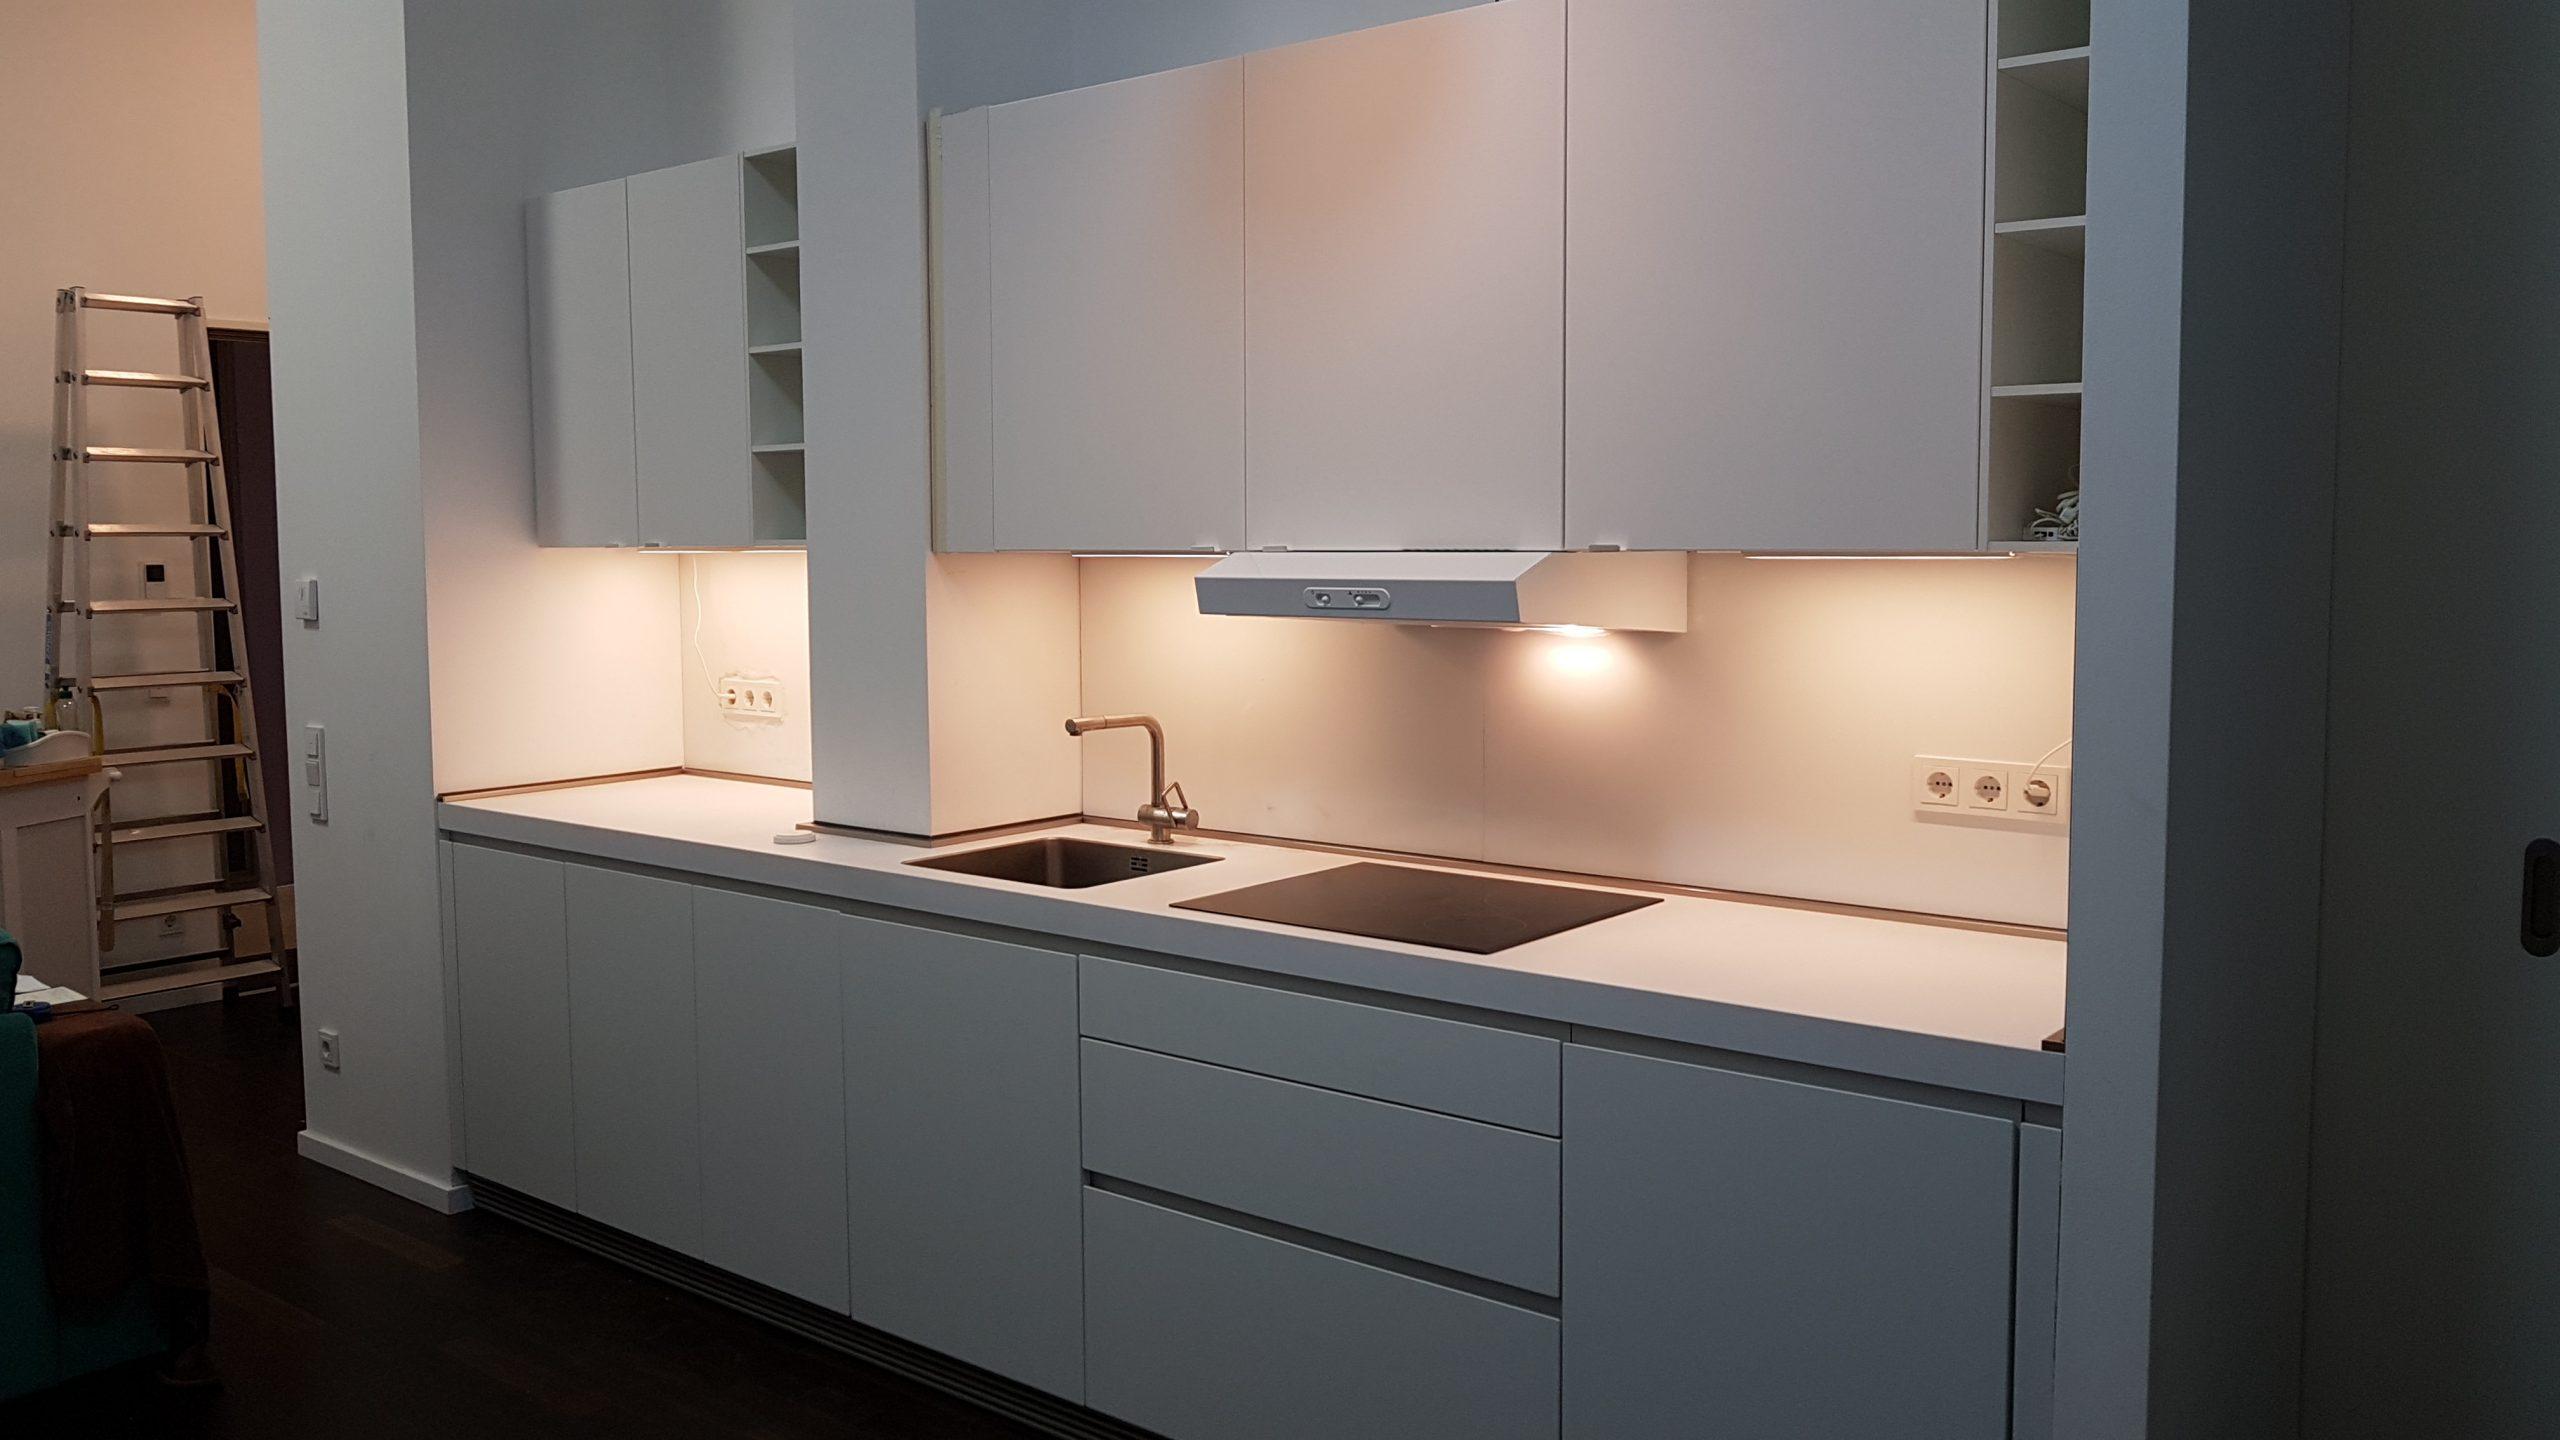 Full Size of Ikea Kchen Im Vergleich Mit Anderen Marken Küche Nobilia Einbauküche Wohnzimmer Nobilia Preisliste